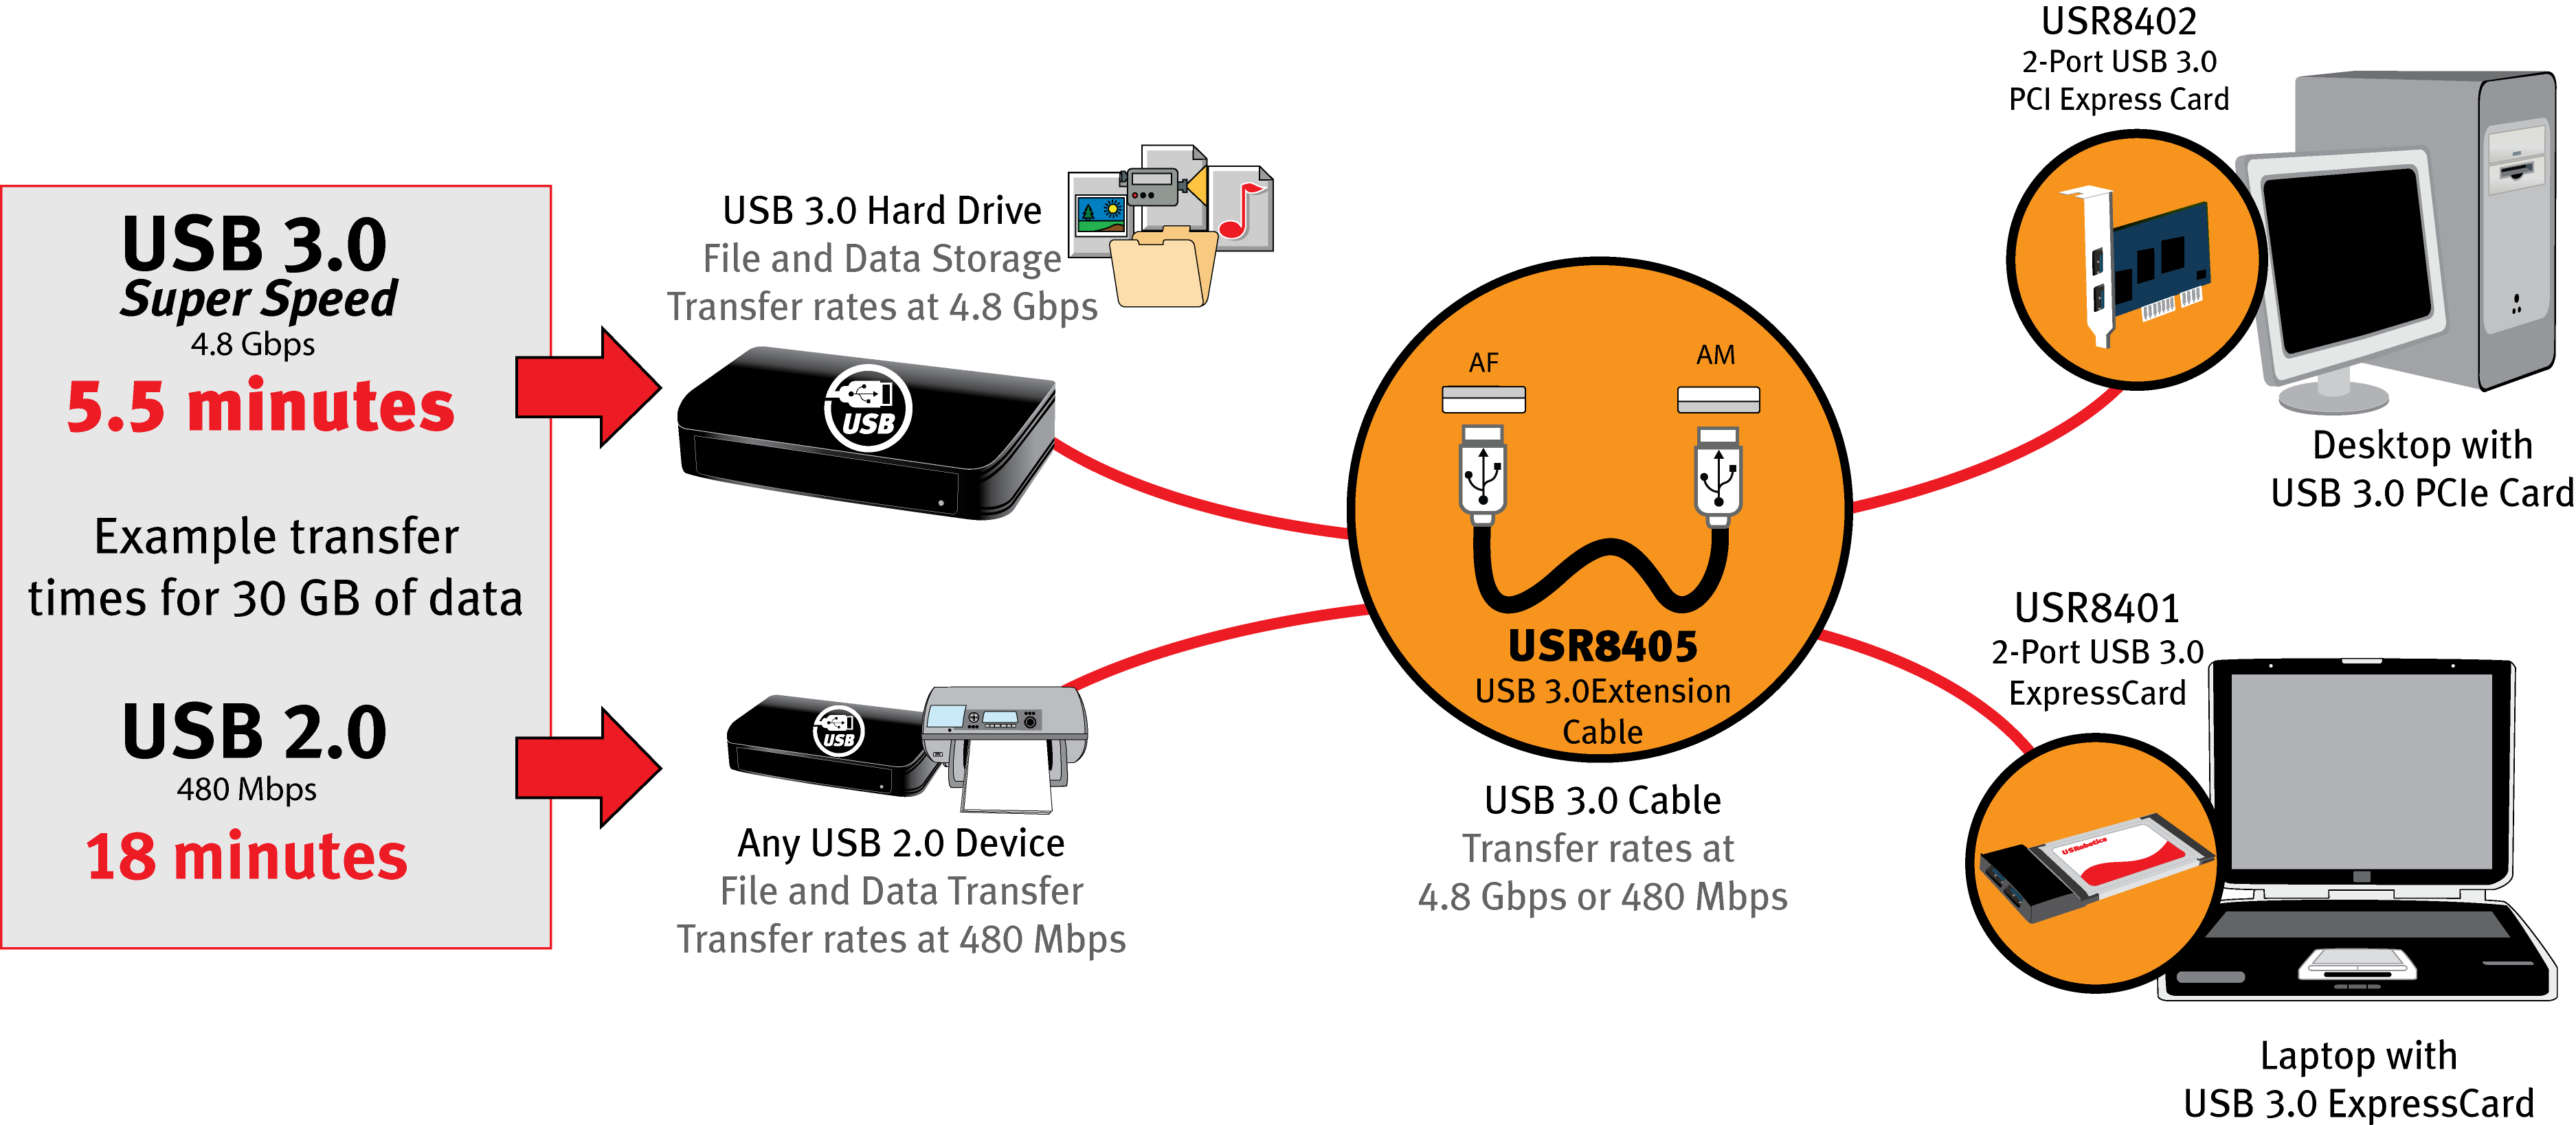 8405 diagram usrobotics usb peripherals and accessories usr8405 usb 3 0 super USB 2.0 Connectors Types at mifinder.co